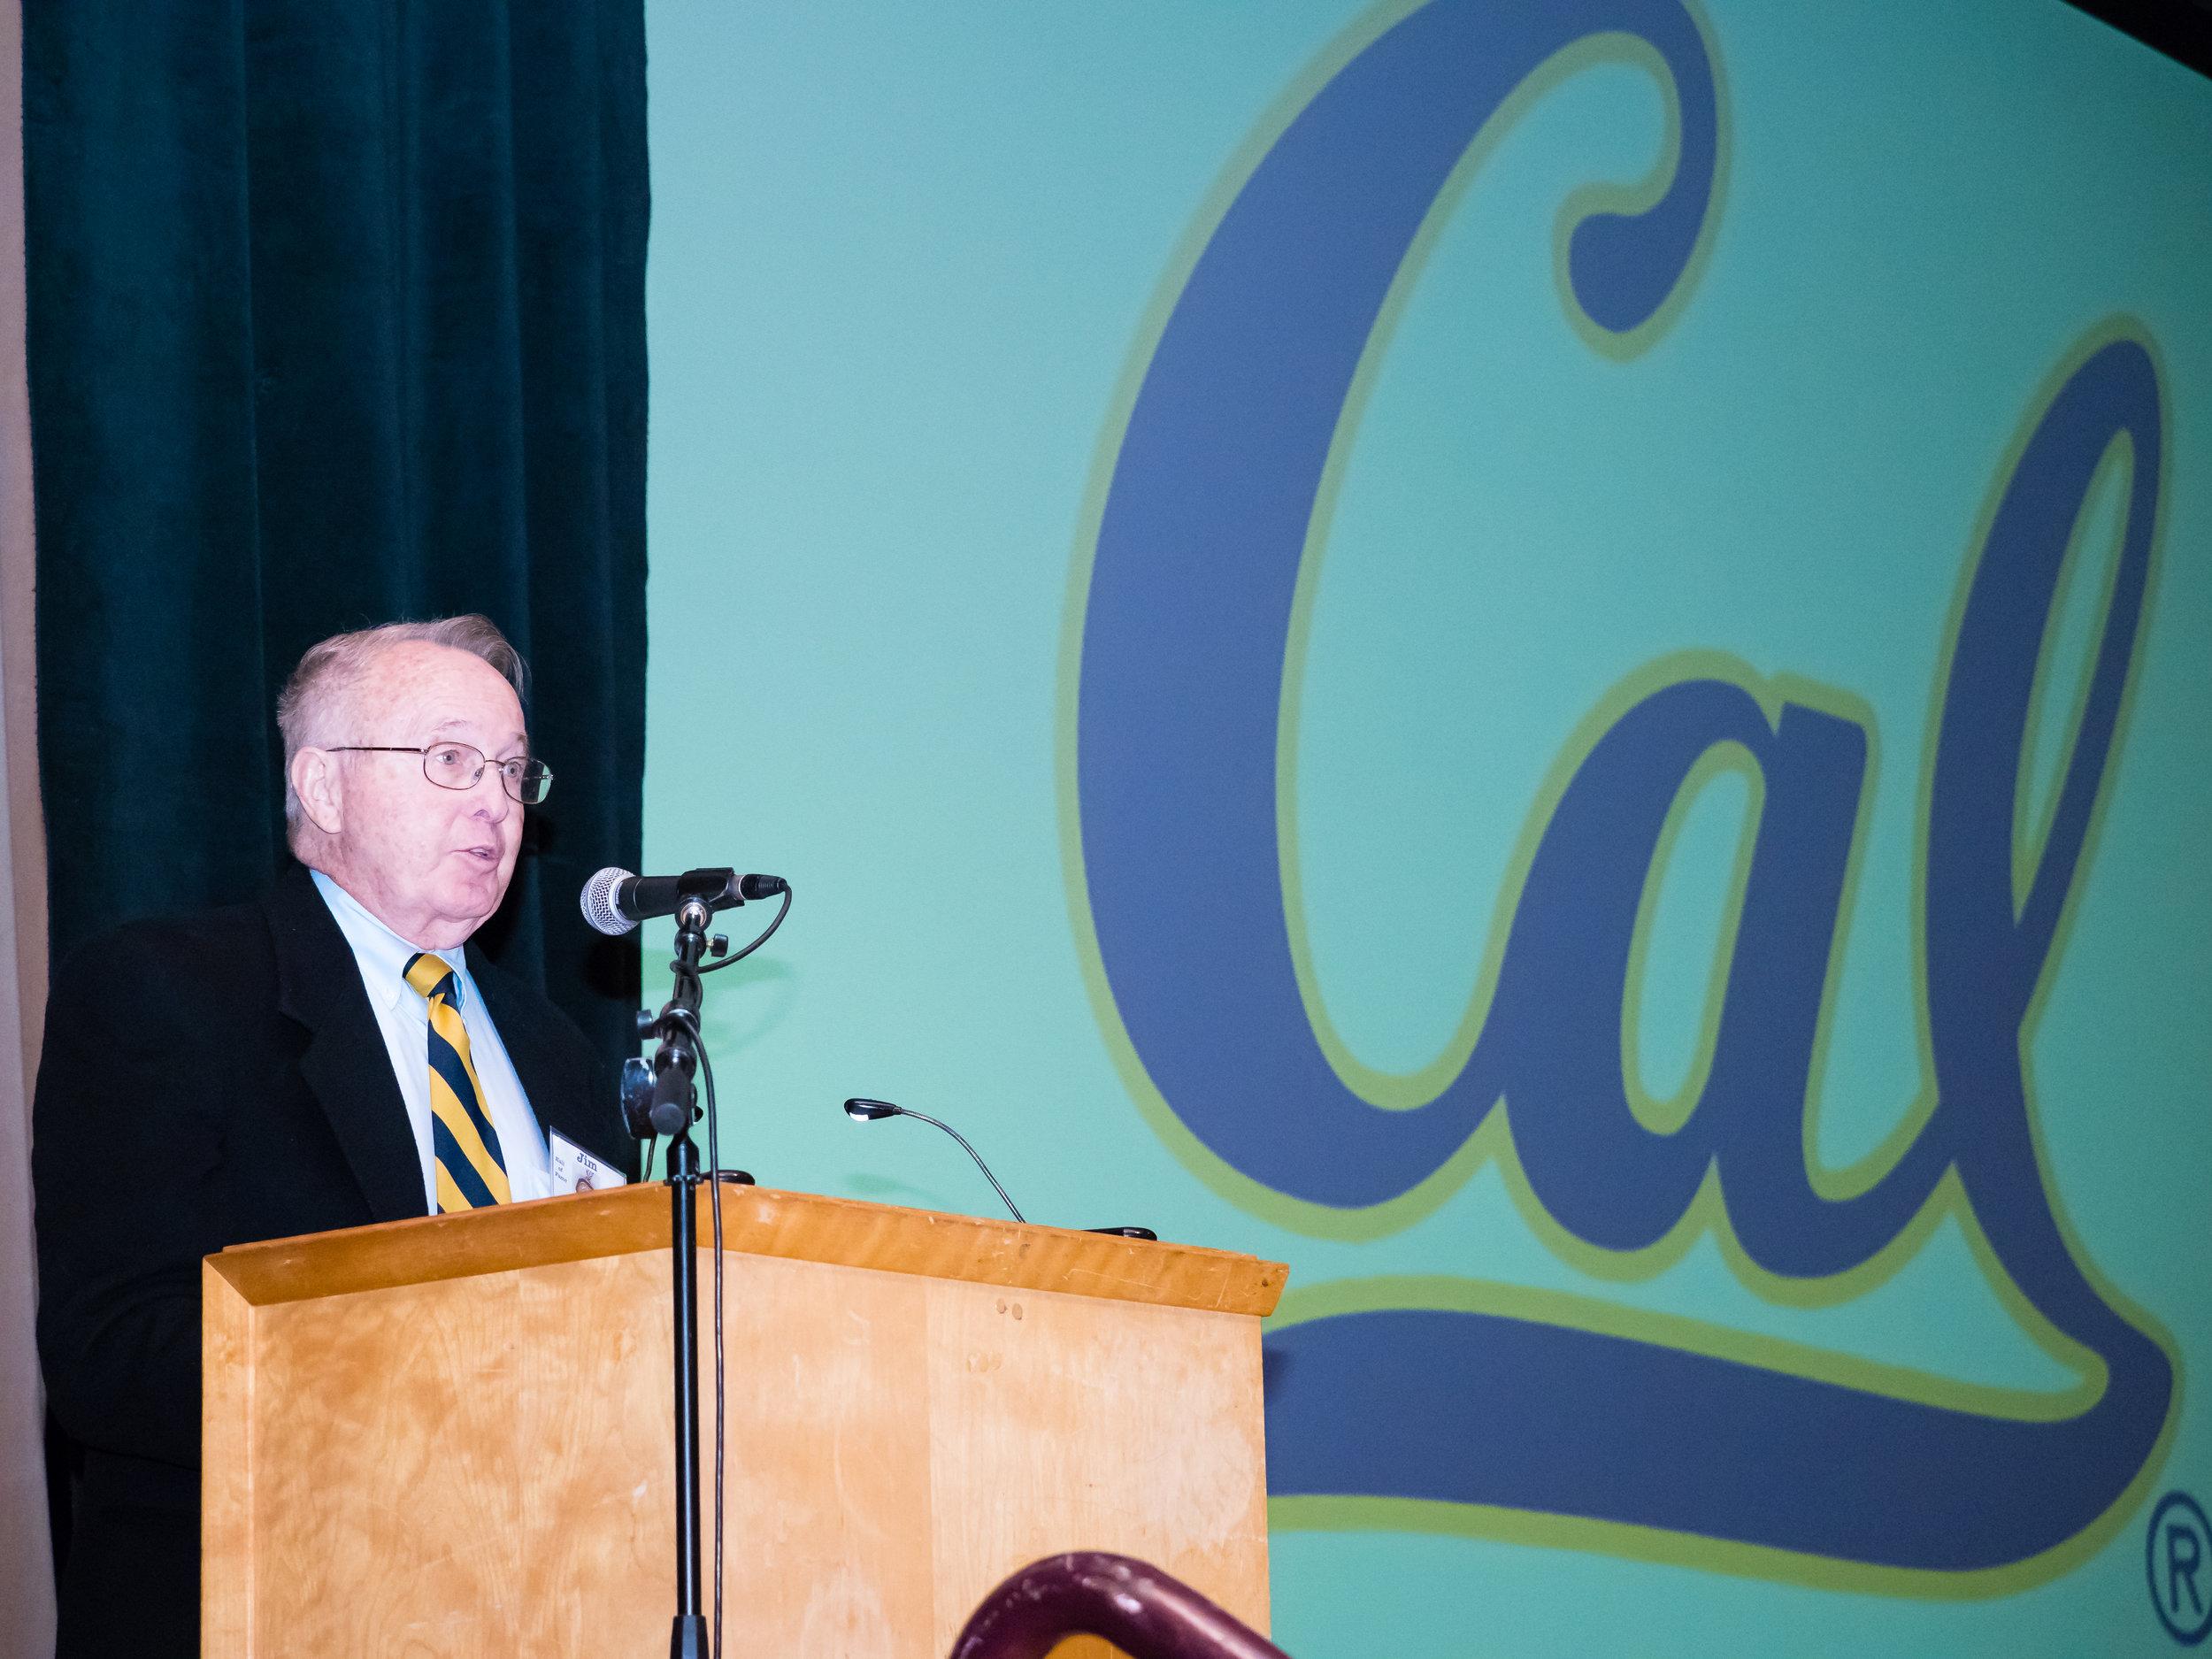 _Cal_Hall of Fame_20170908_192846_KLC-(ZF-9201-57652-1-976).jpg